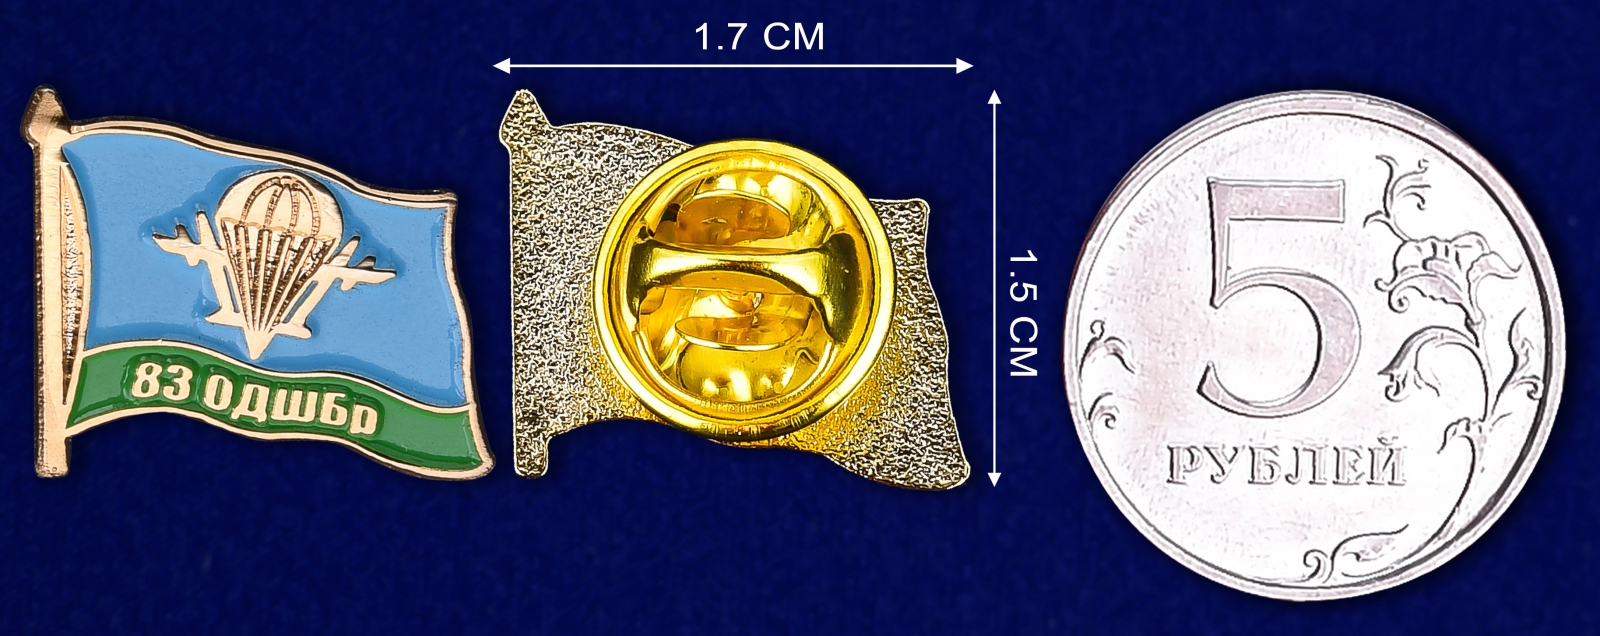 Значок 83 ОДШБр ВДВ-сравнительный размер